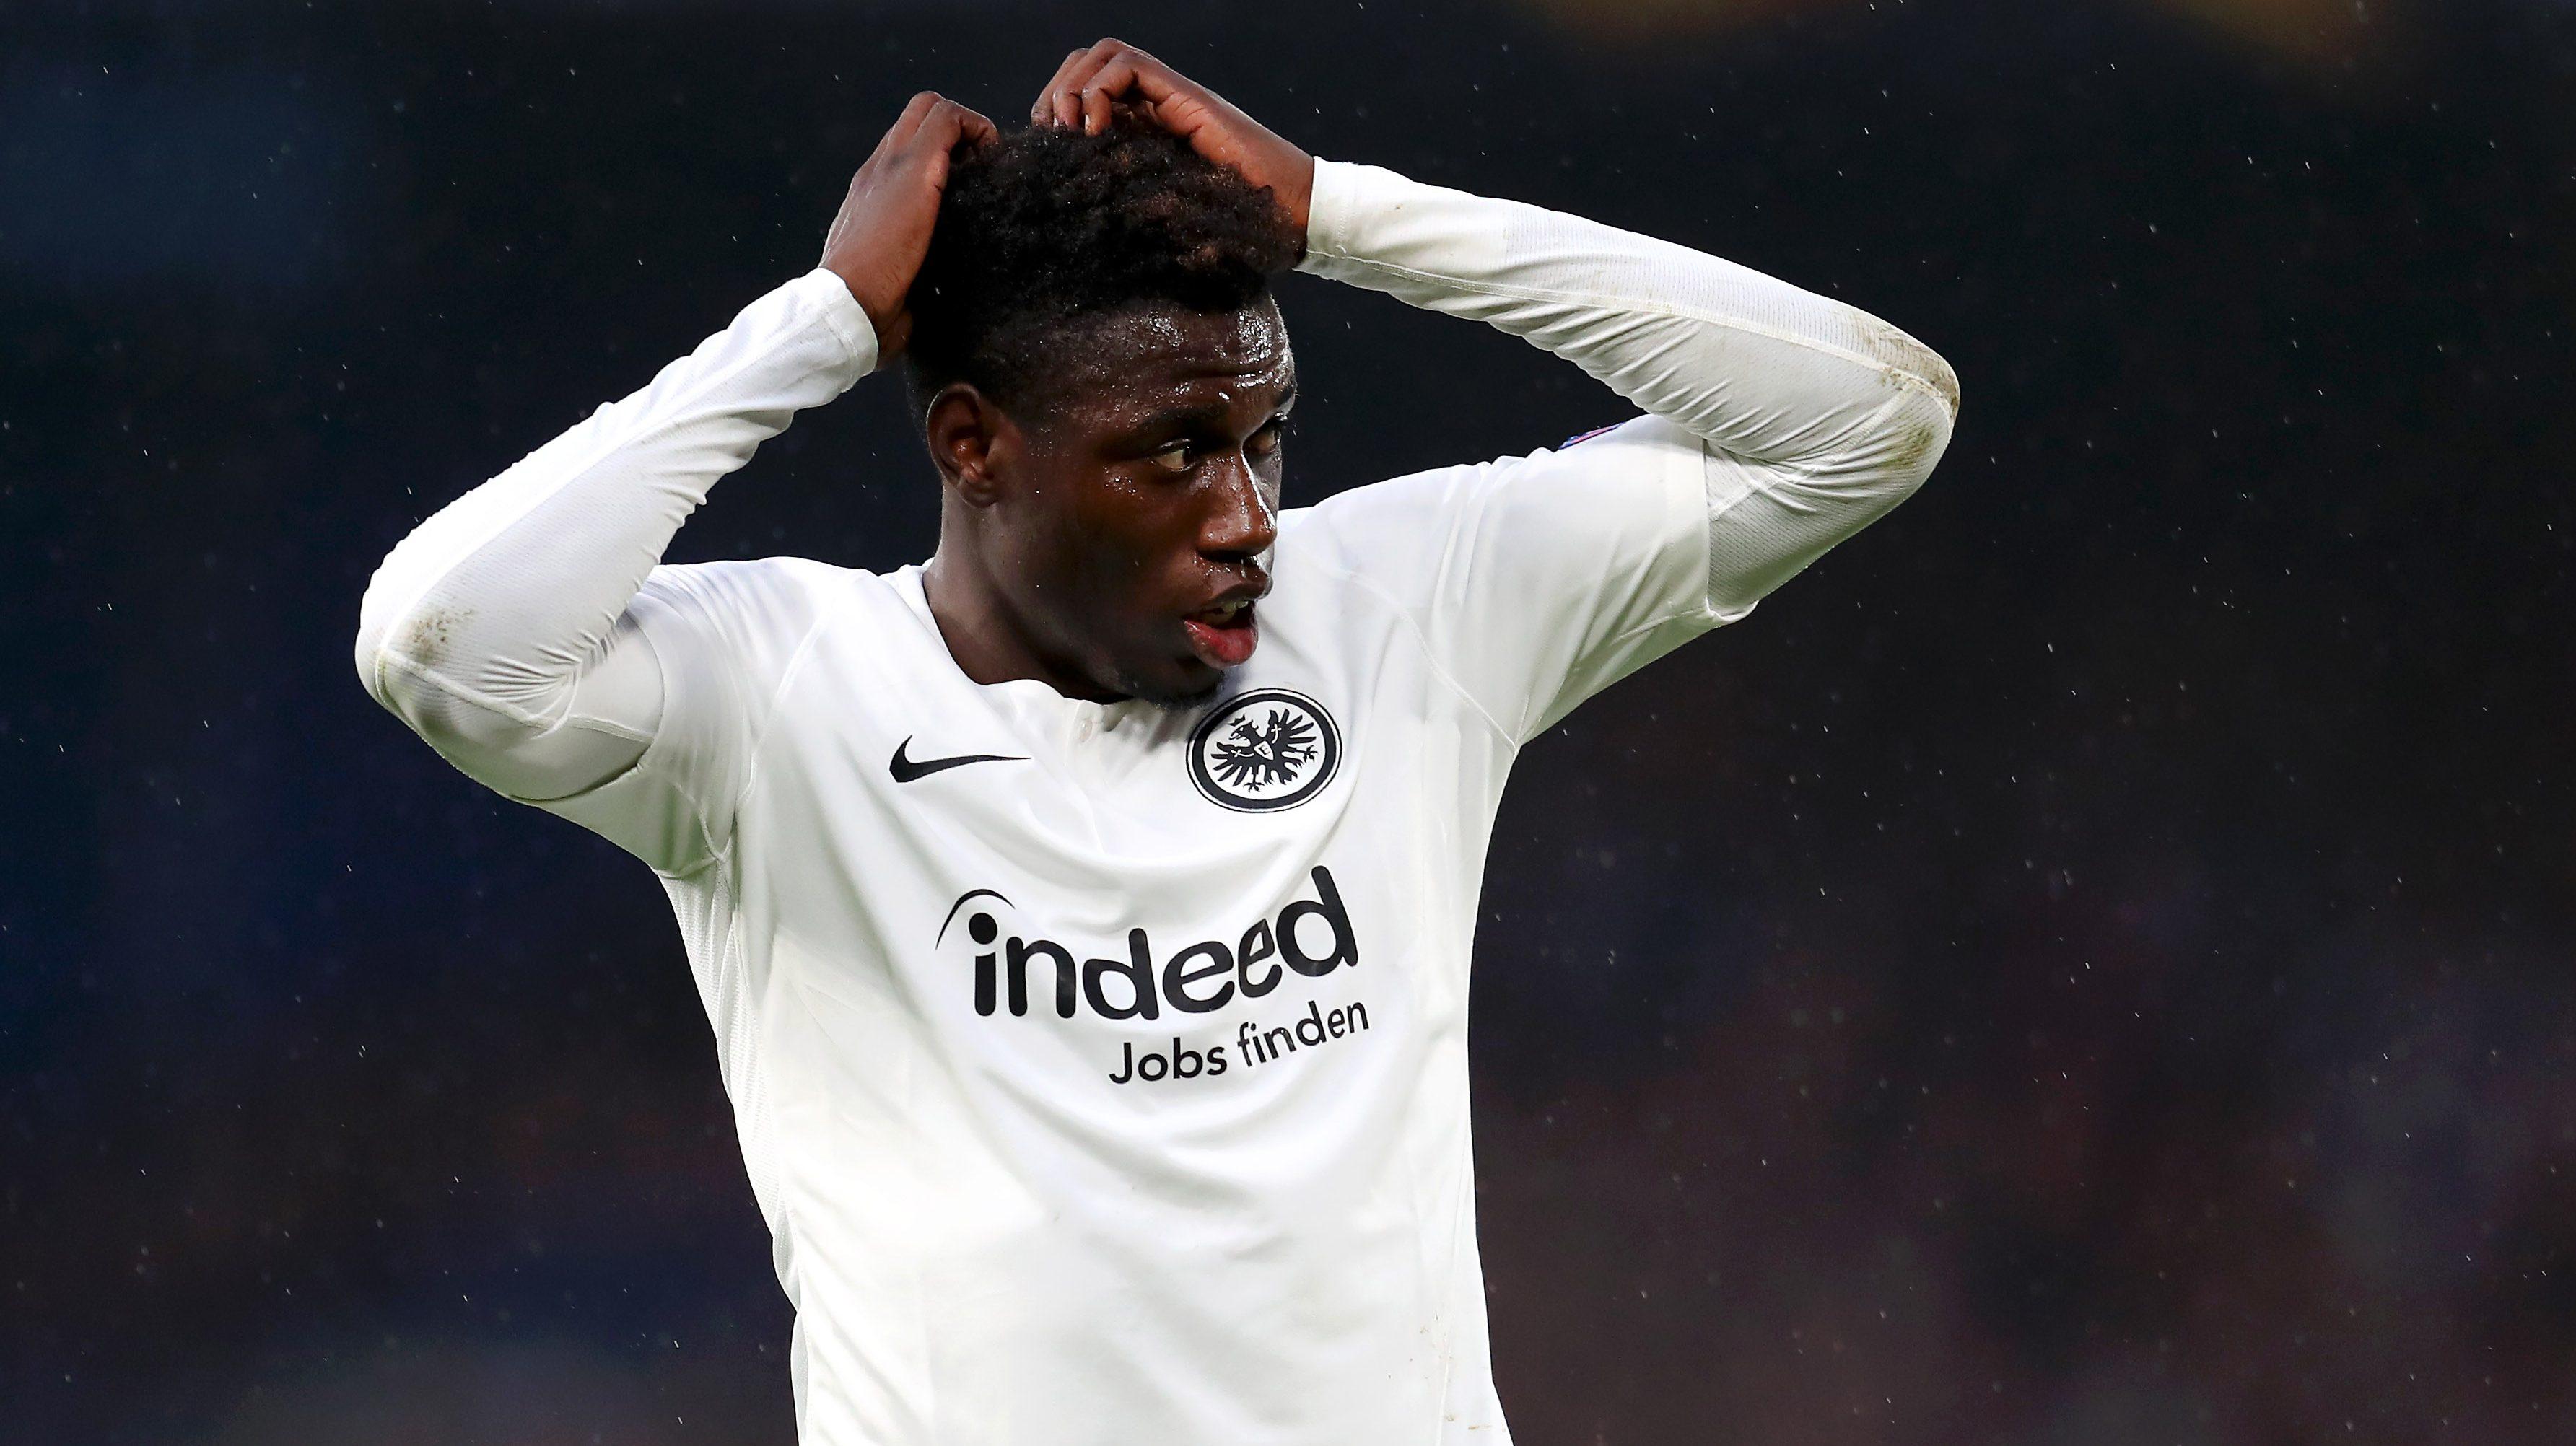 Bundesliga | Chelsea 1-1 (4-3 pens ) Frankfurt - as it happened